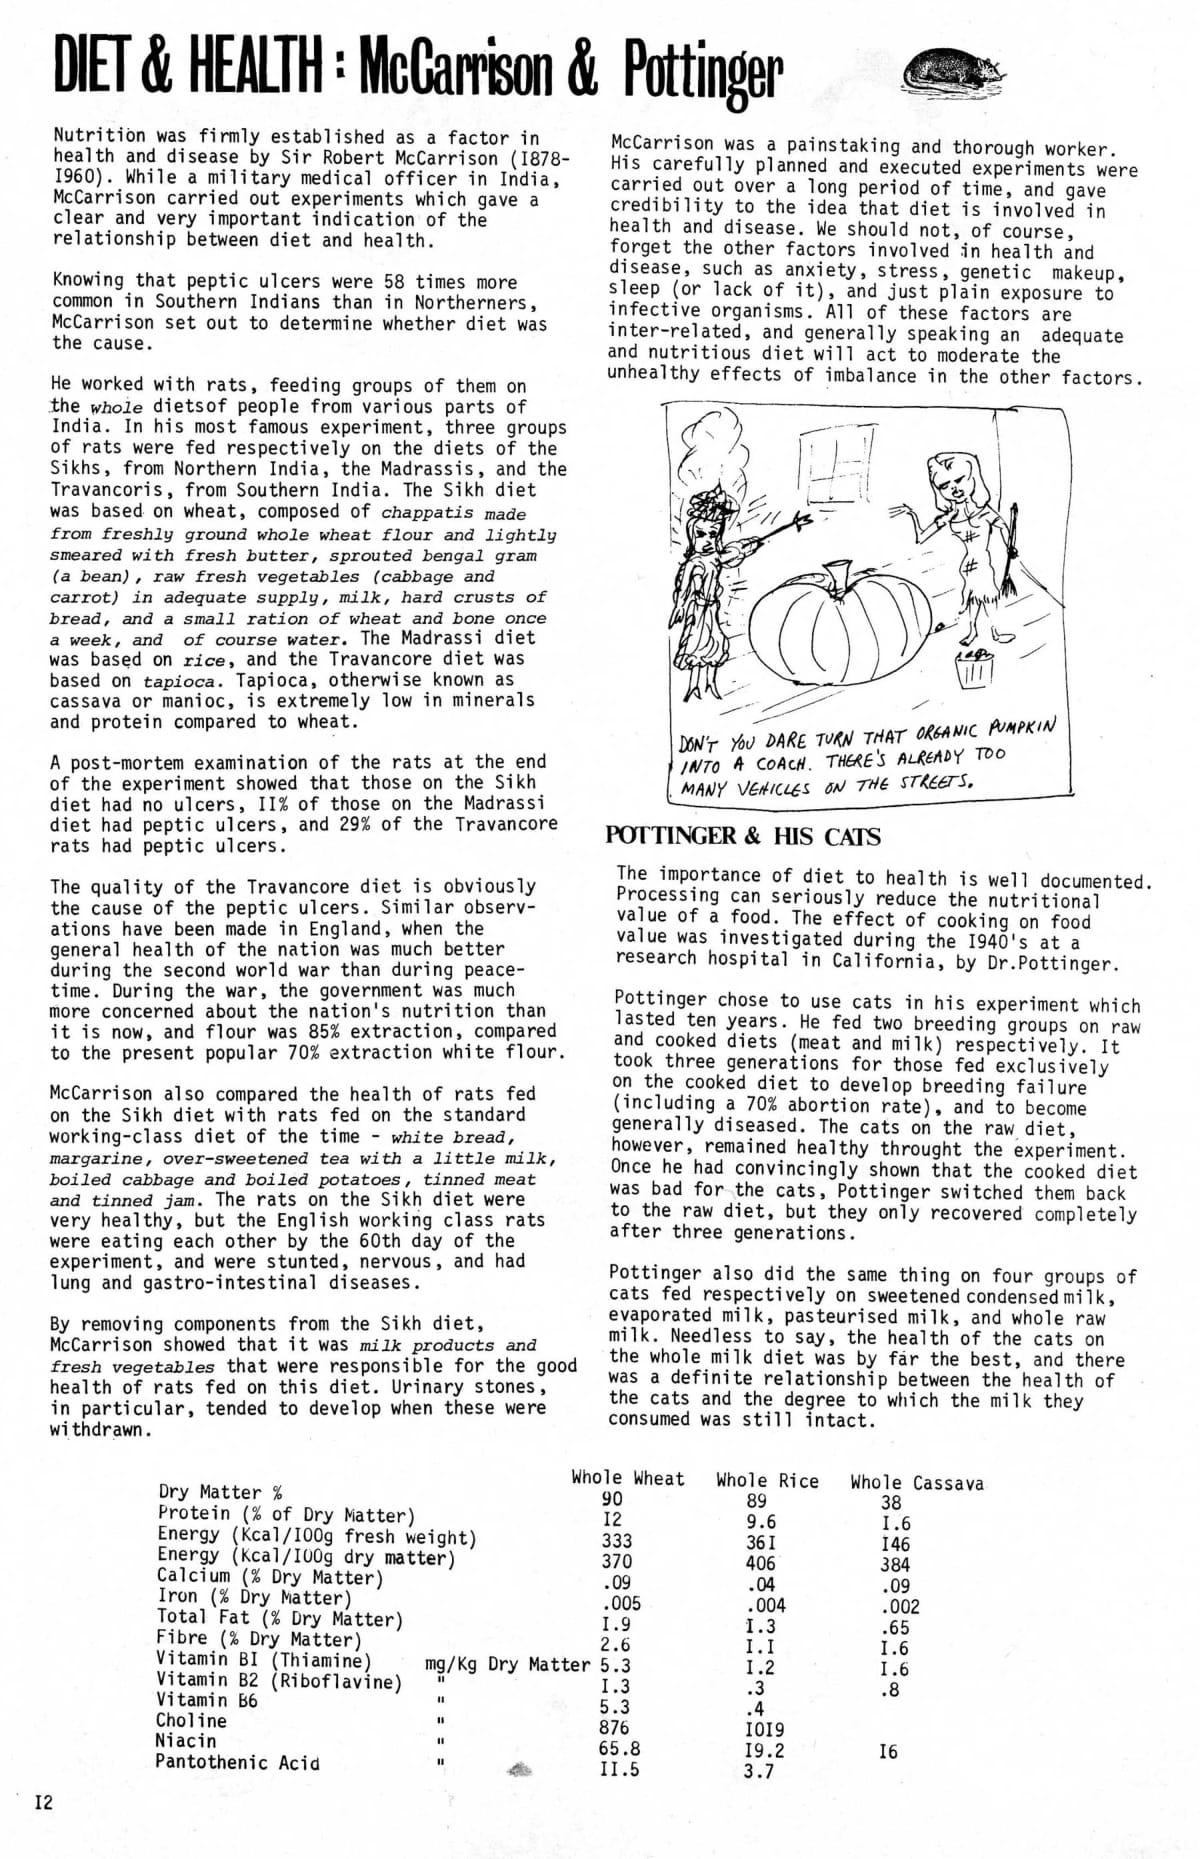 seed-v2-n9-sept1973-12.jpg